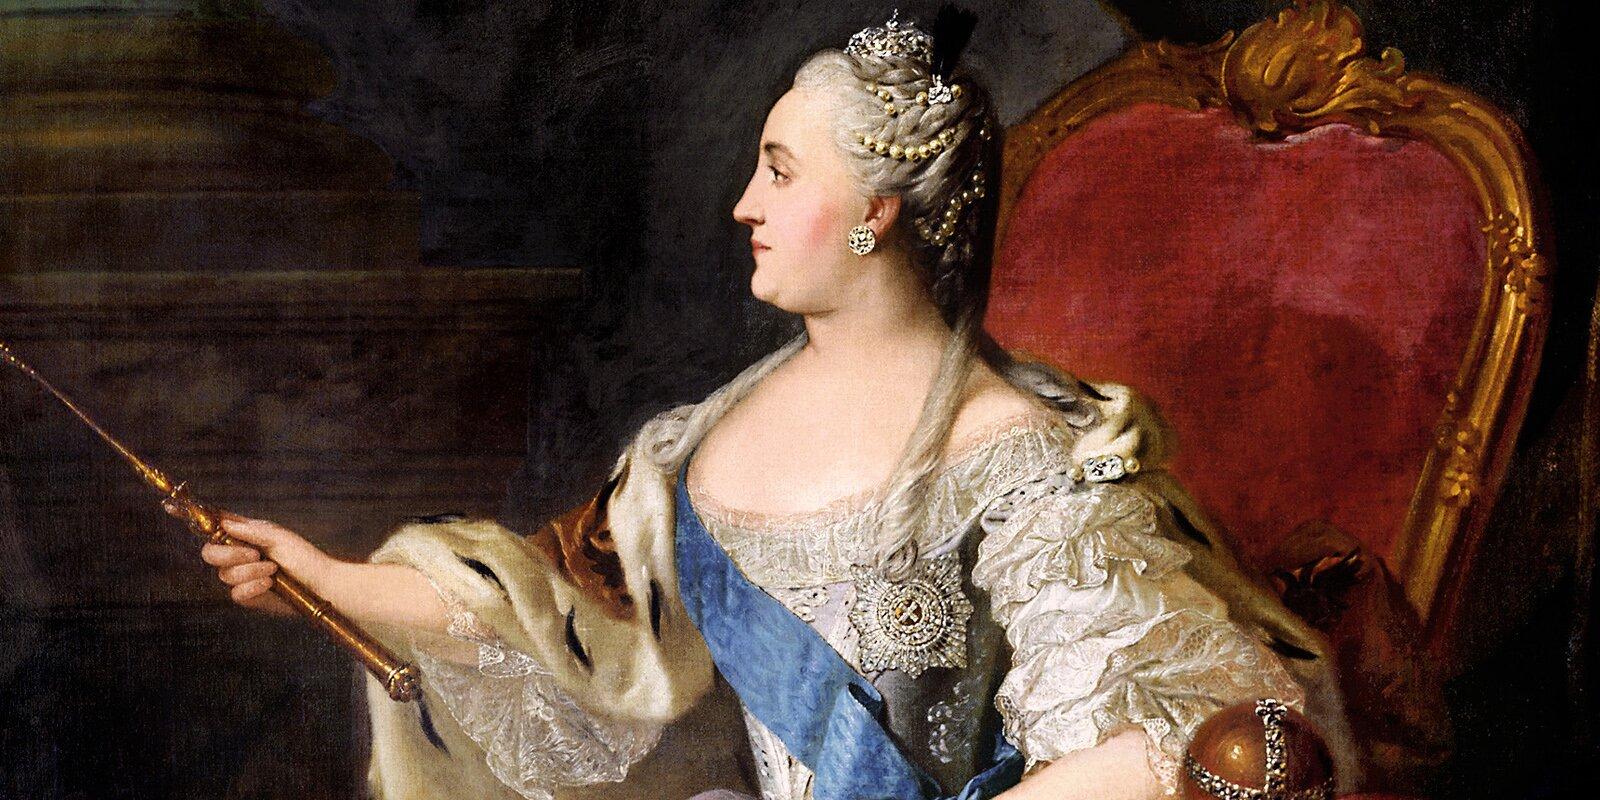 Ф. Рокотов. Портрет Екатерины II. 1763 год